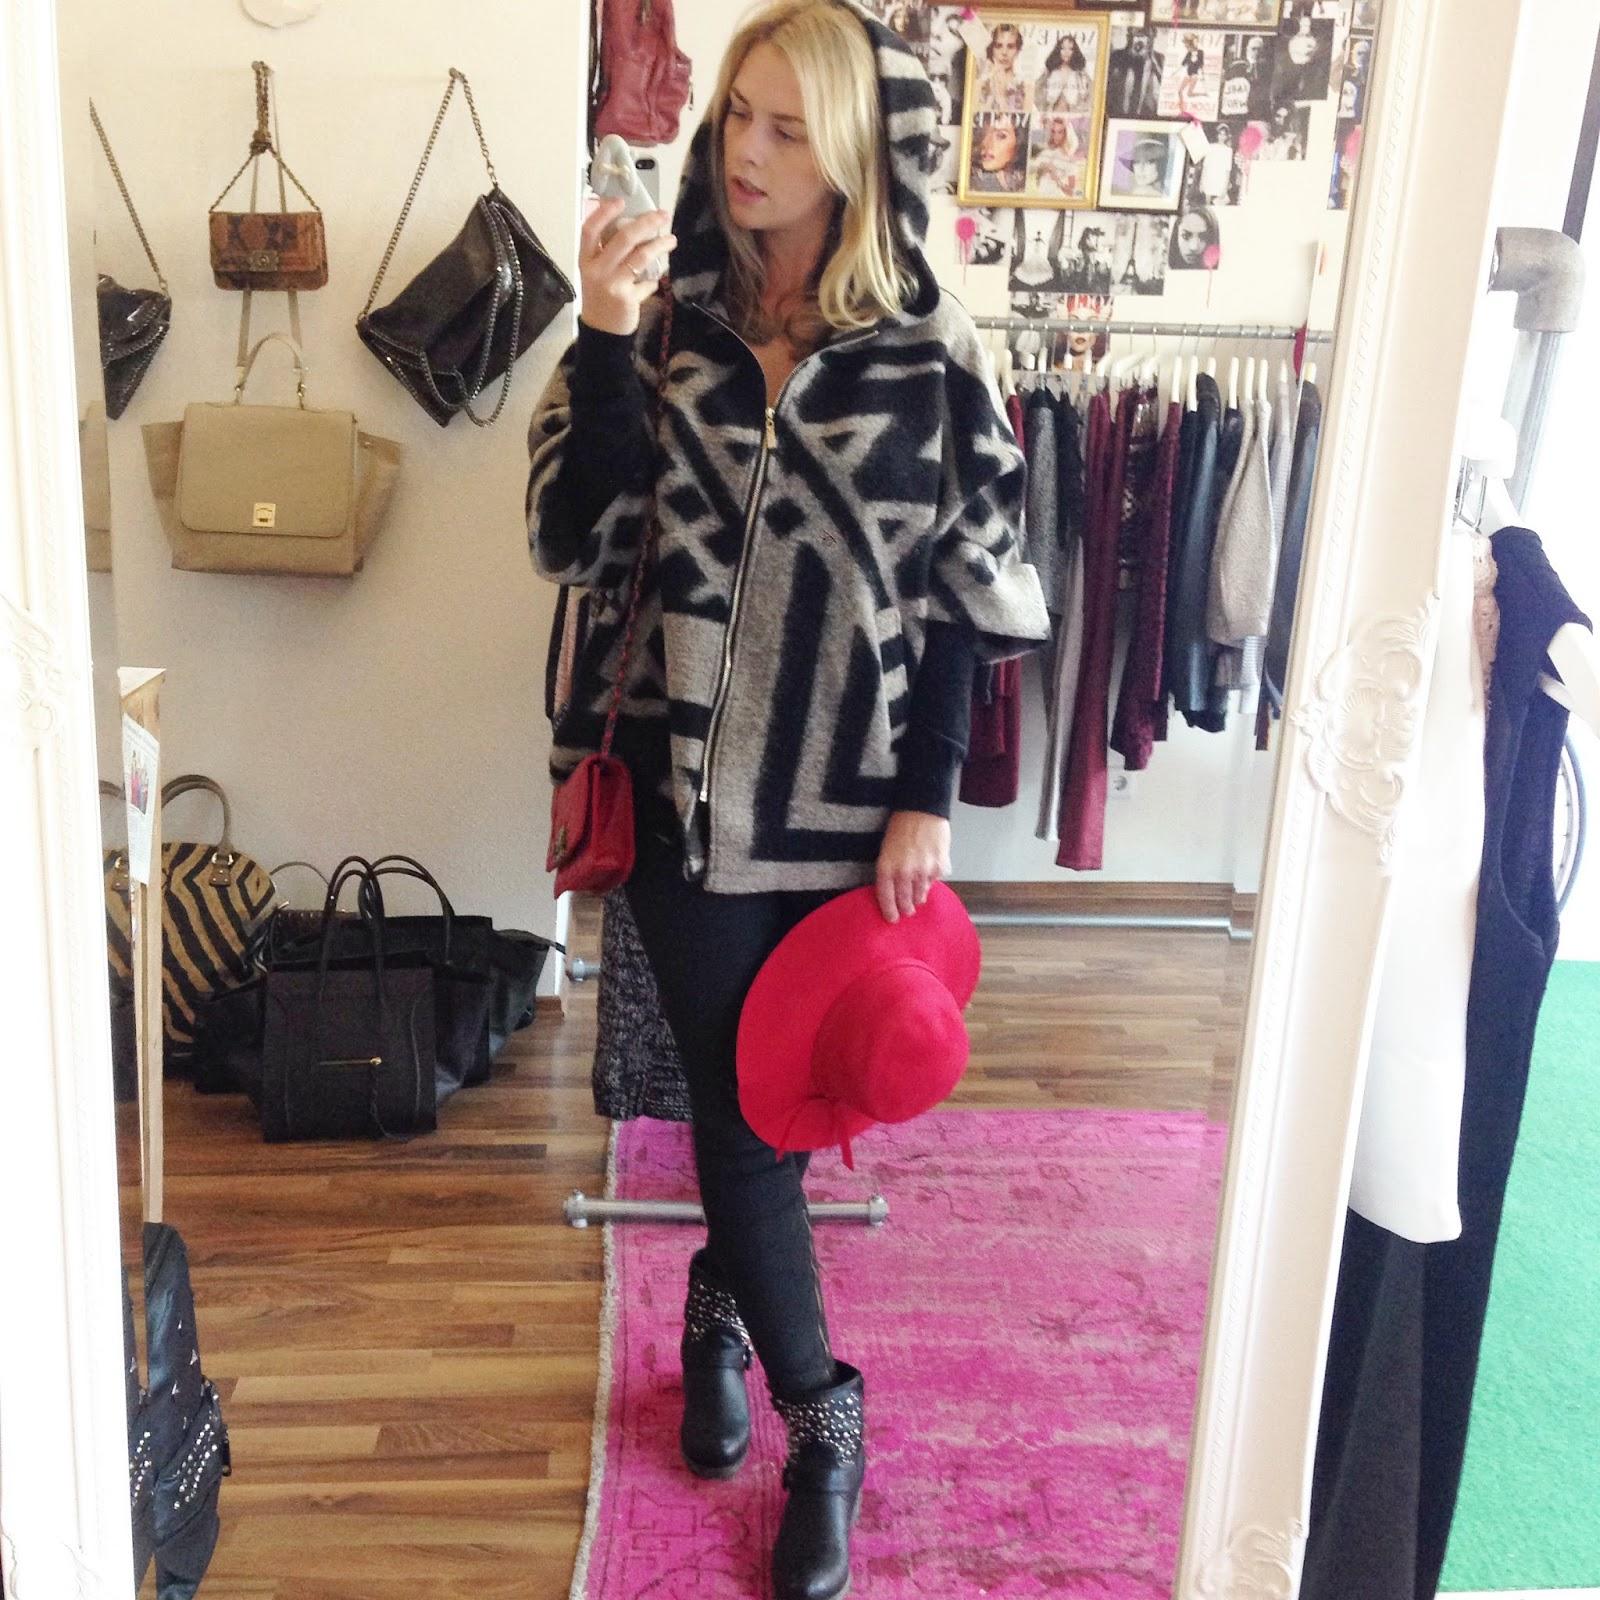 La-parisienne-red-hat-jacket